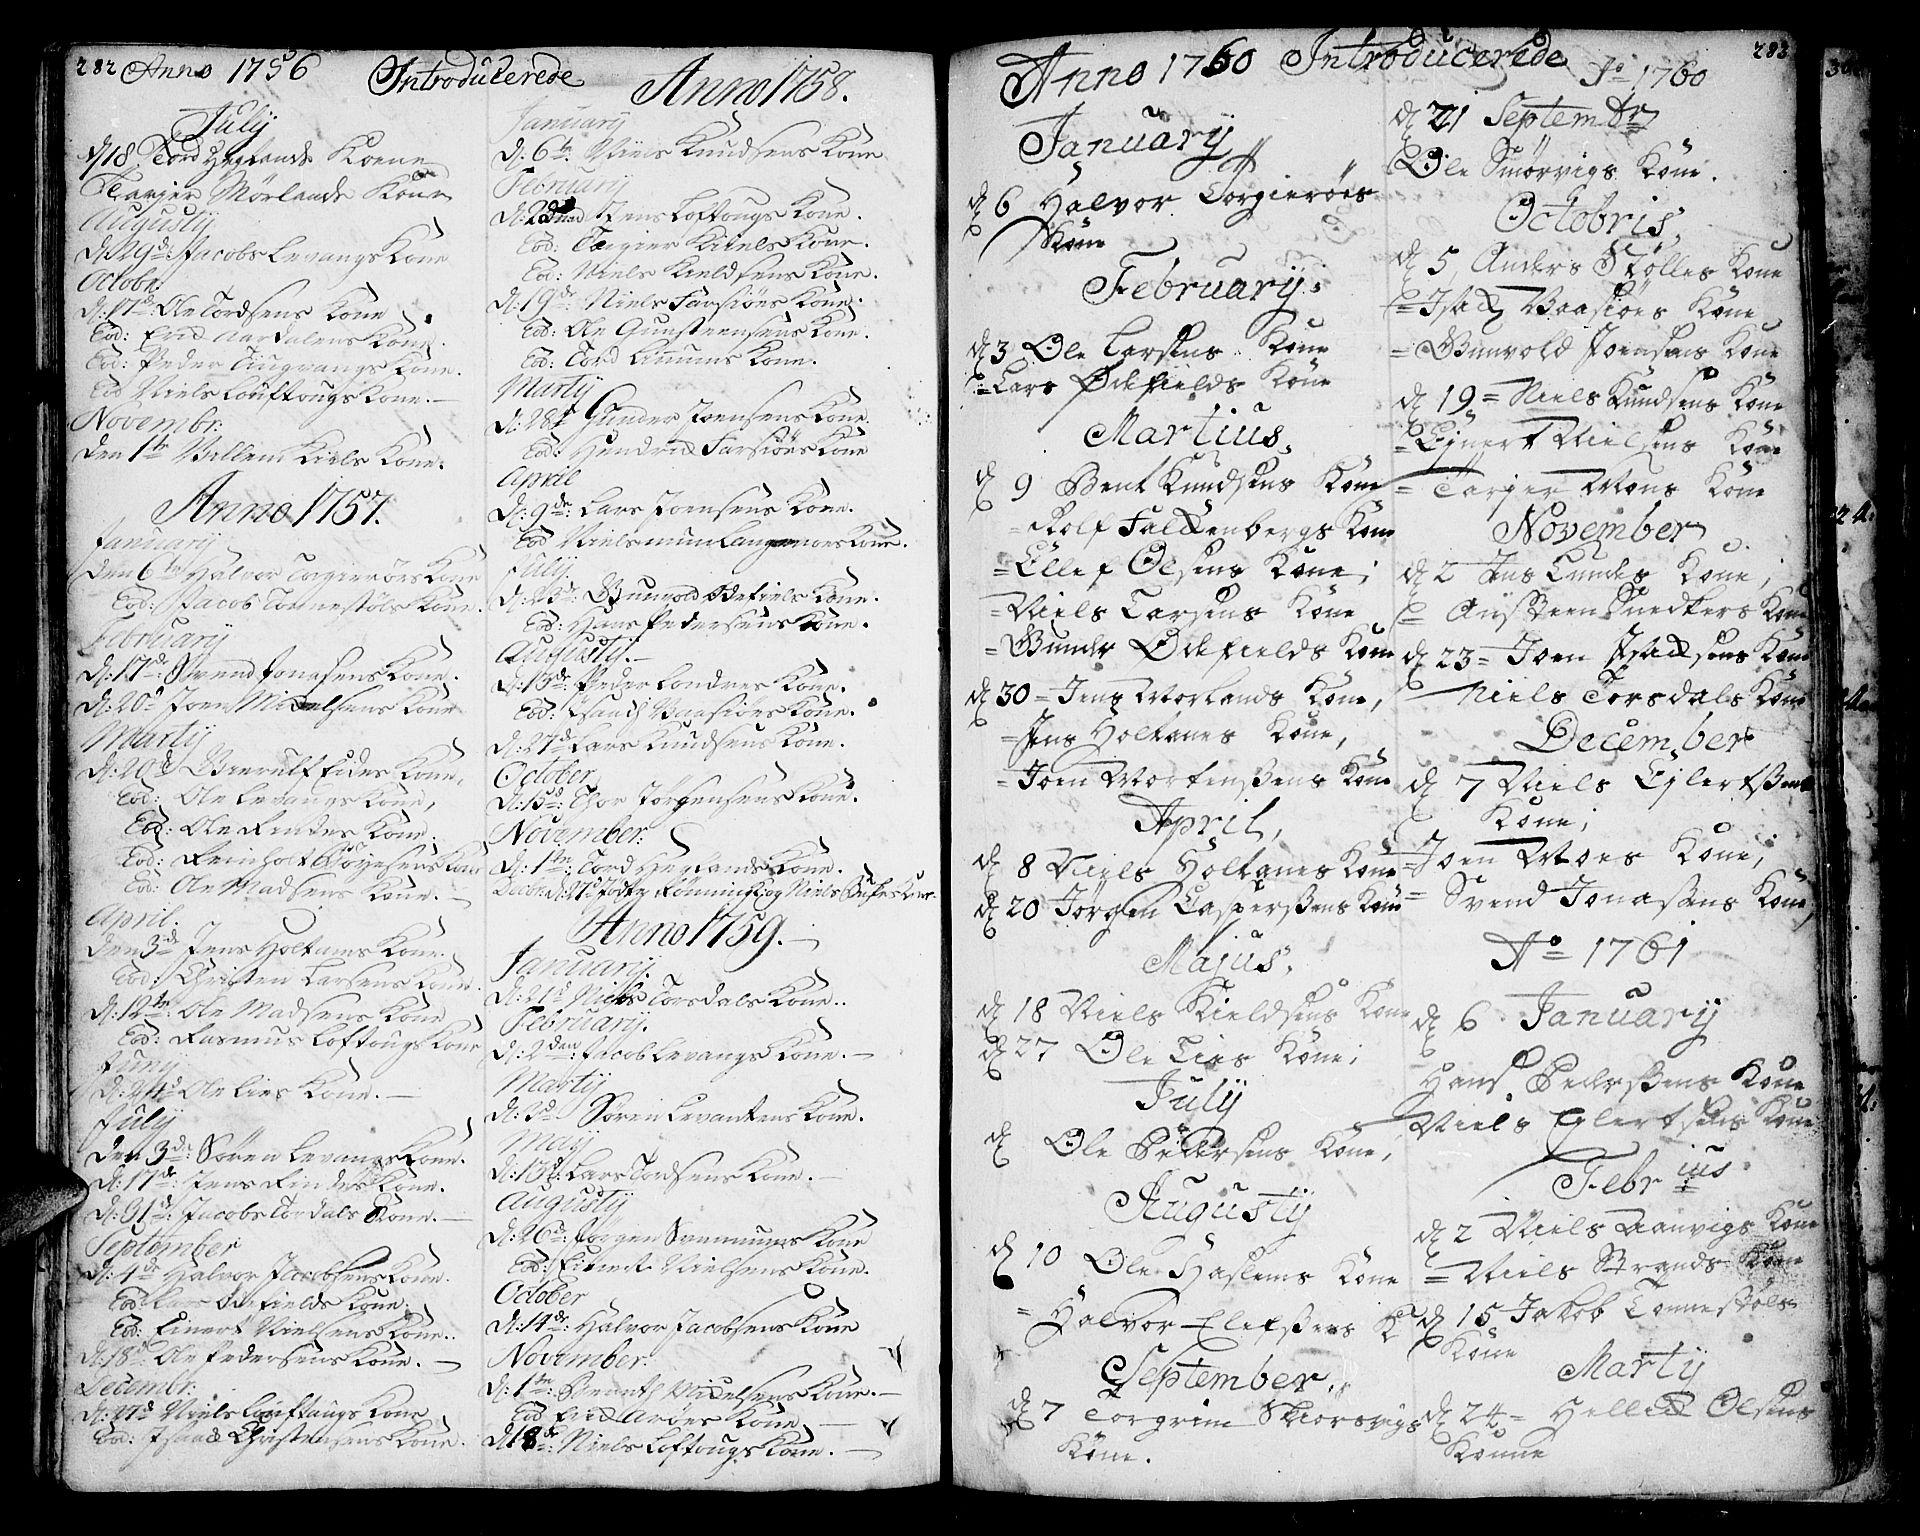 SAKO, Sannidal kirkebøker, F/Fa/L0001: Ministerialbok nr. 1, 1702-1766, s. 282-283